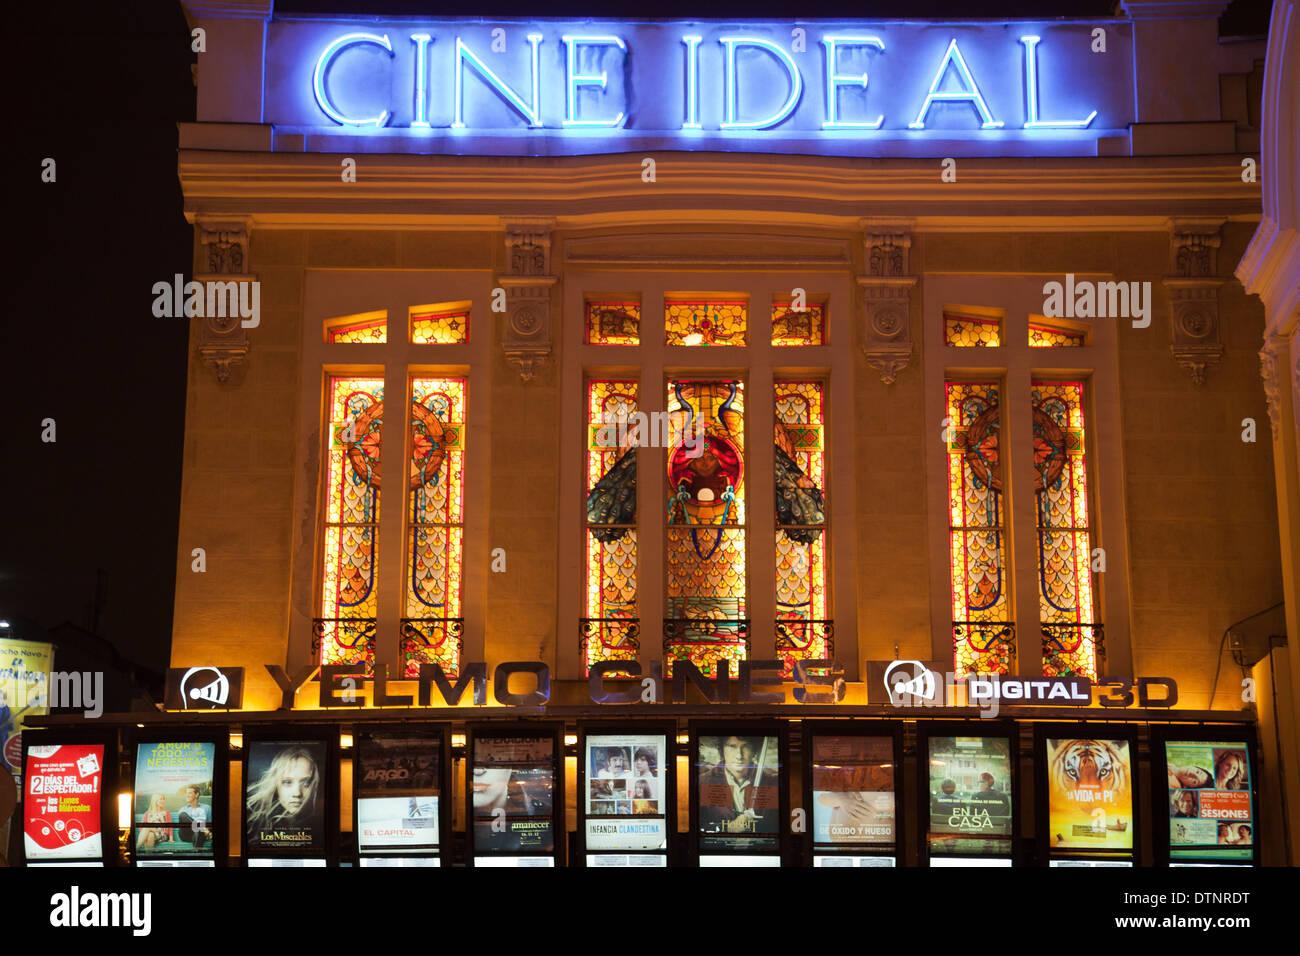 Cine ideal en Madrid Imagen De Stock